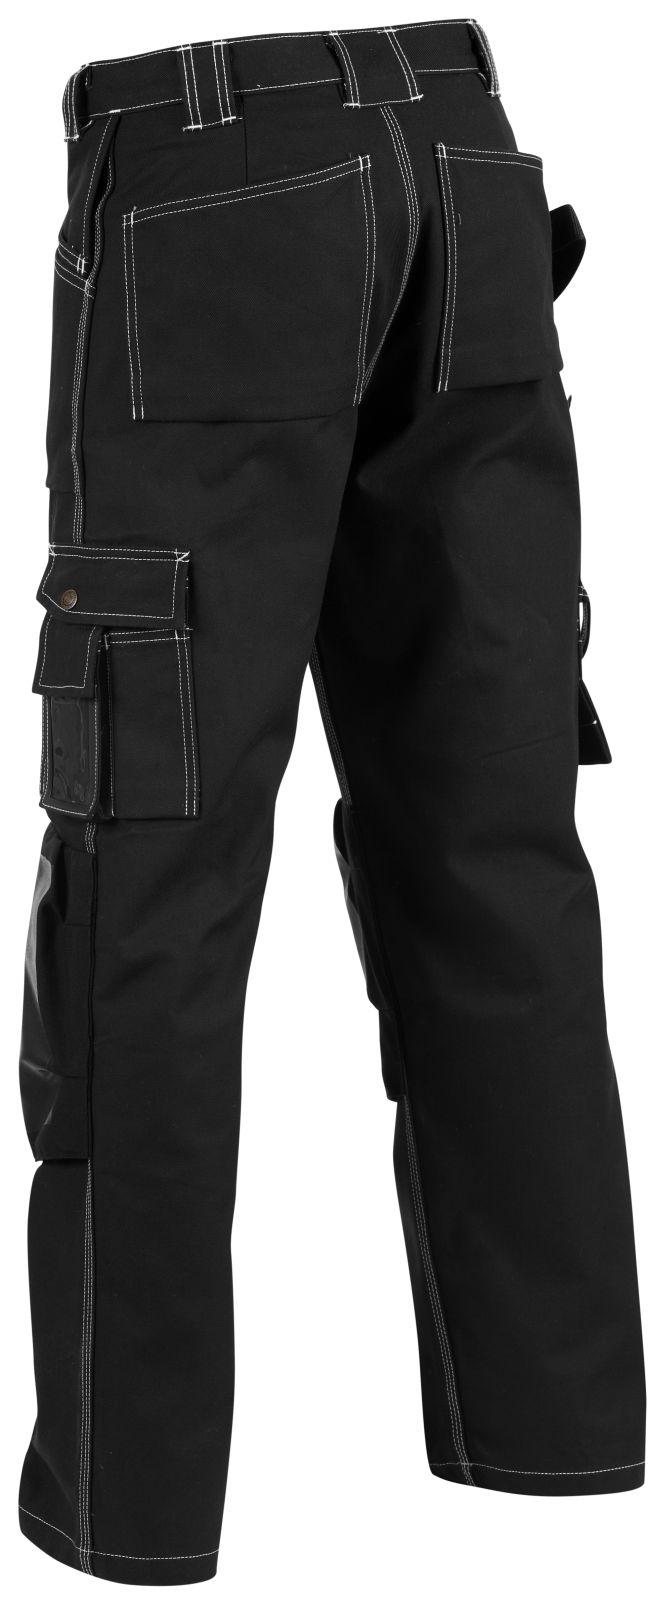 Blaklader Losse kniezakken 21281948 zwart(9900)